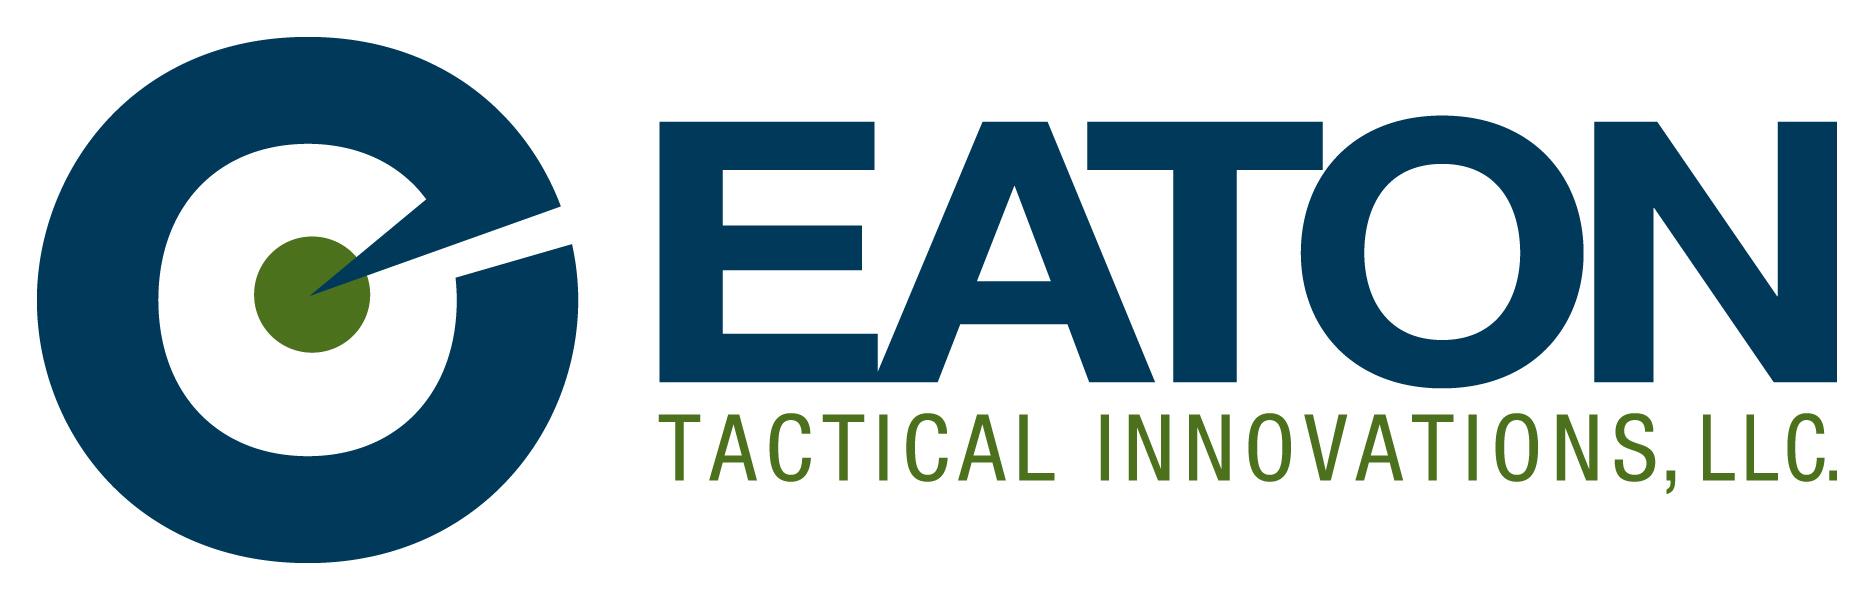 ETI_logo_2C_notag.jpg